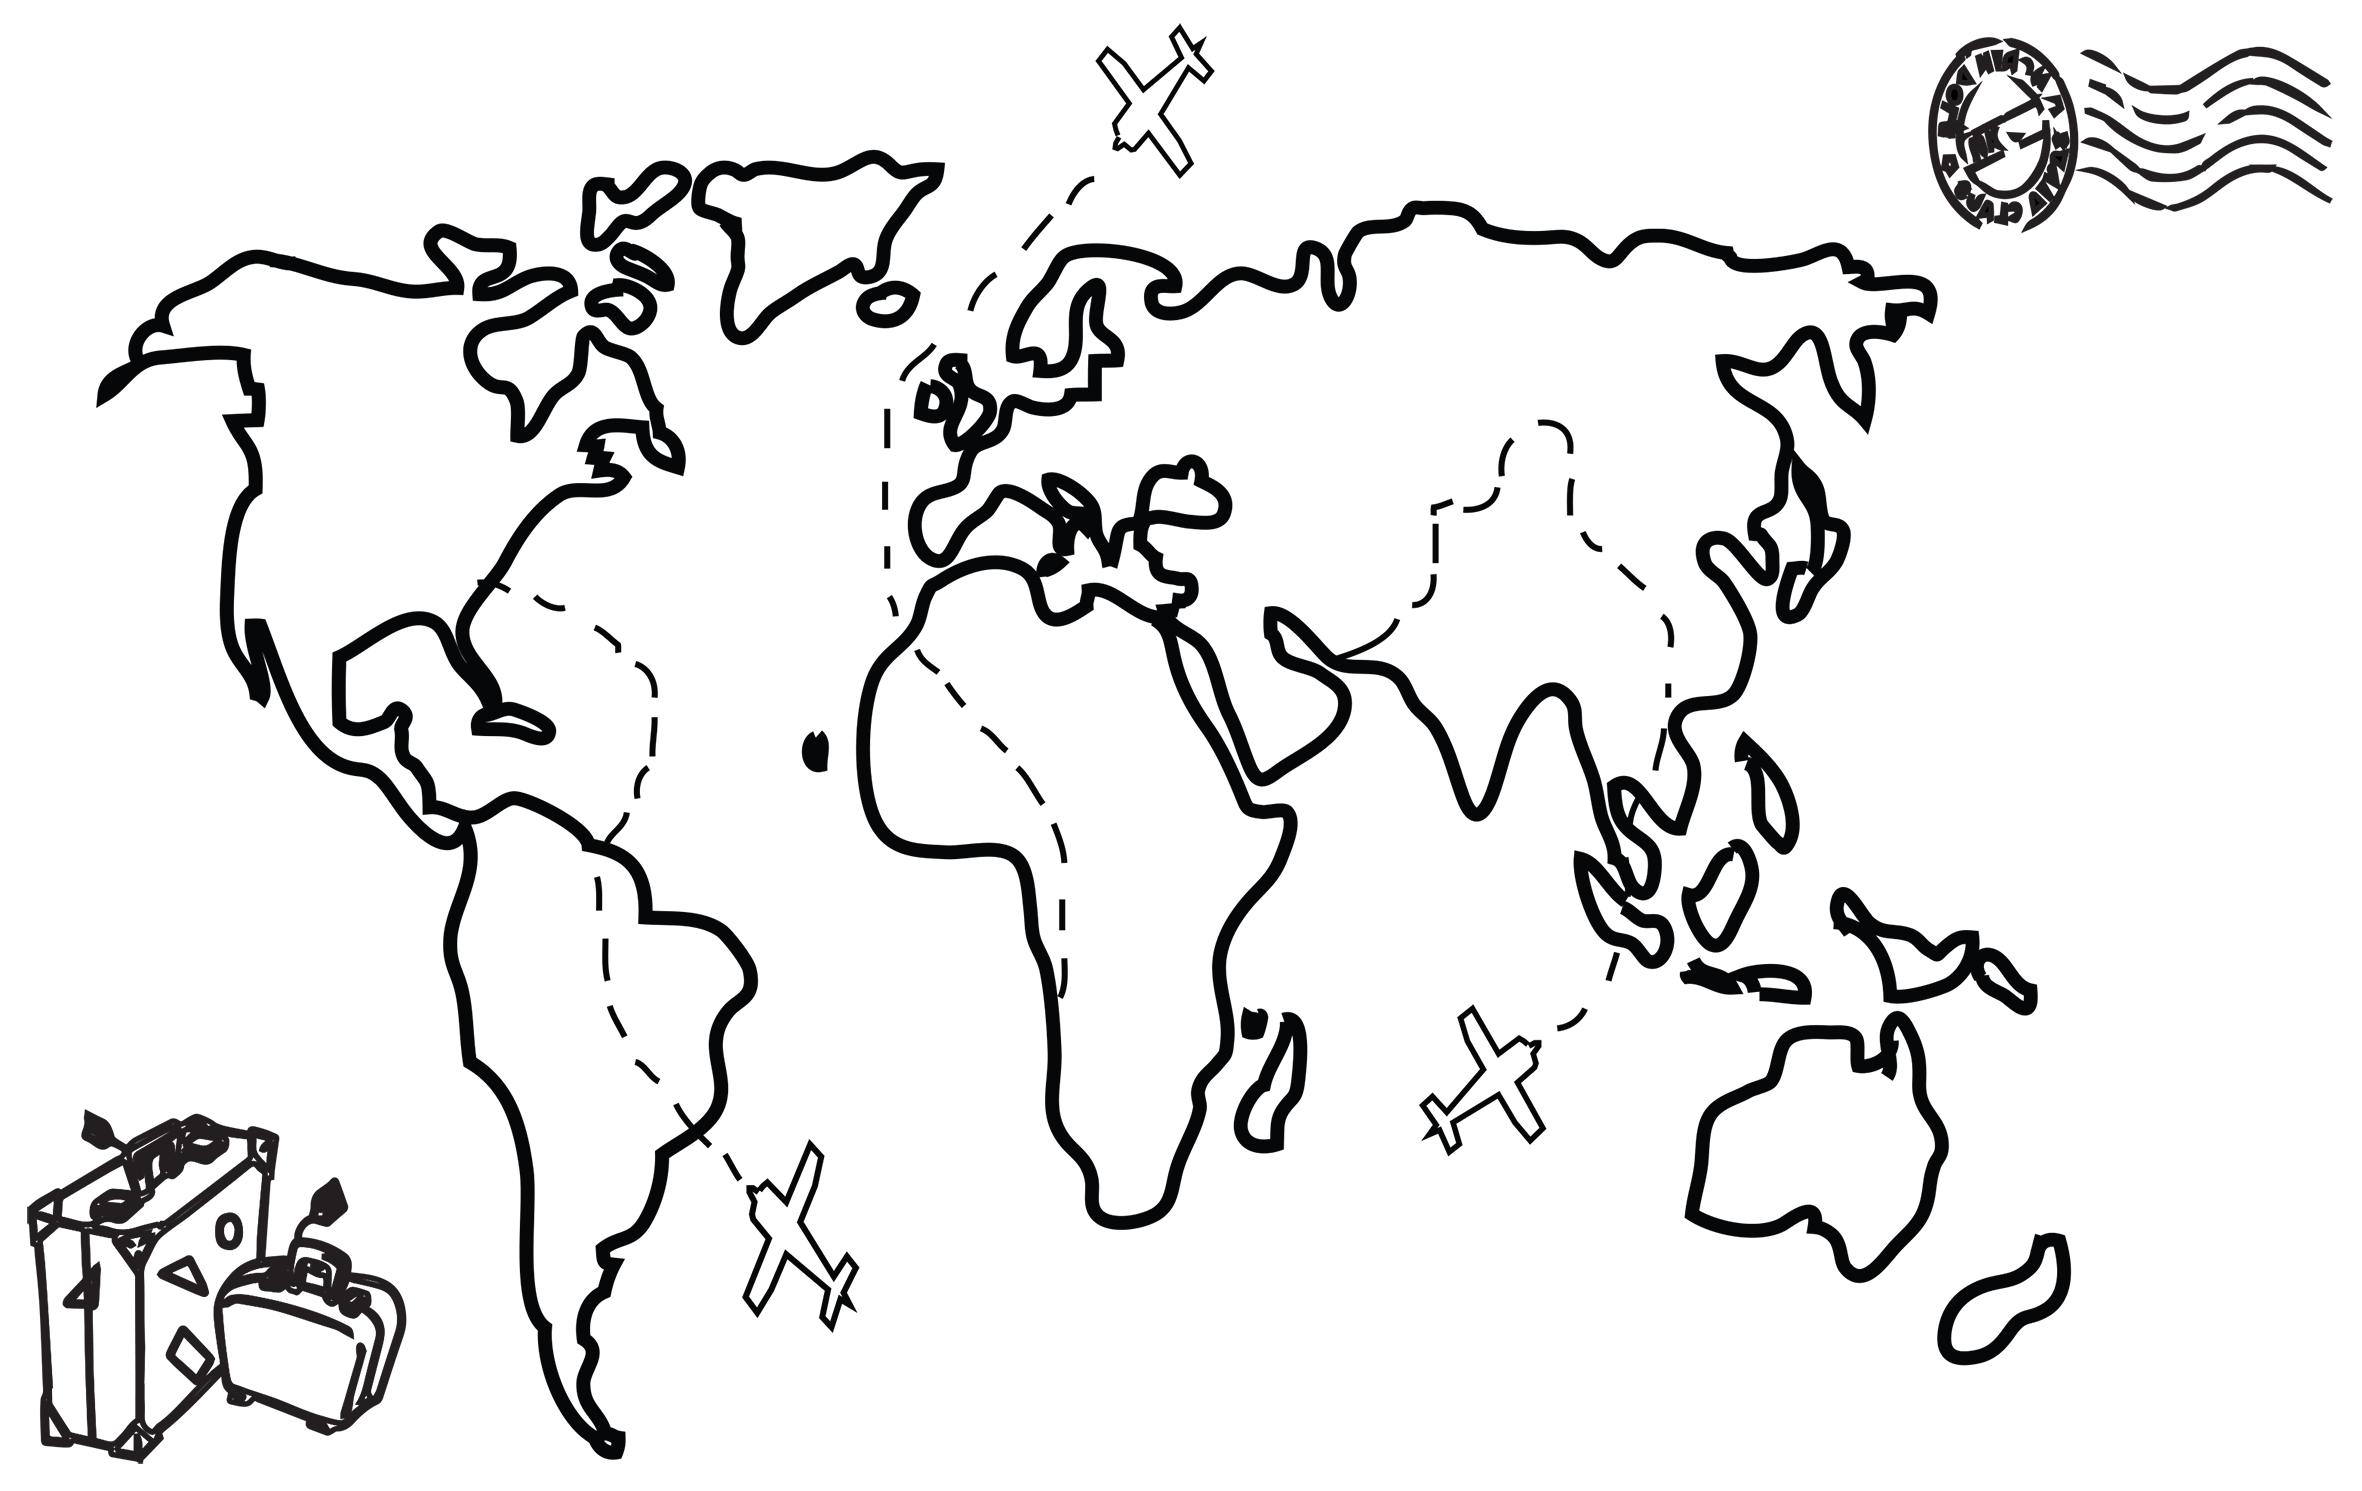 mondo-per-sito